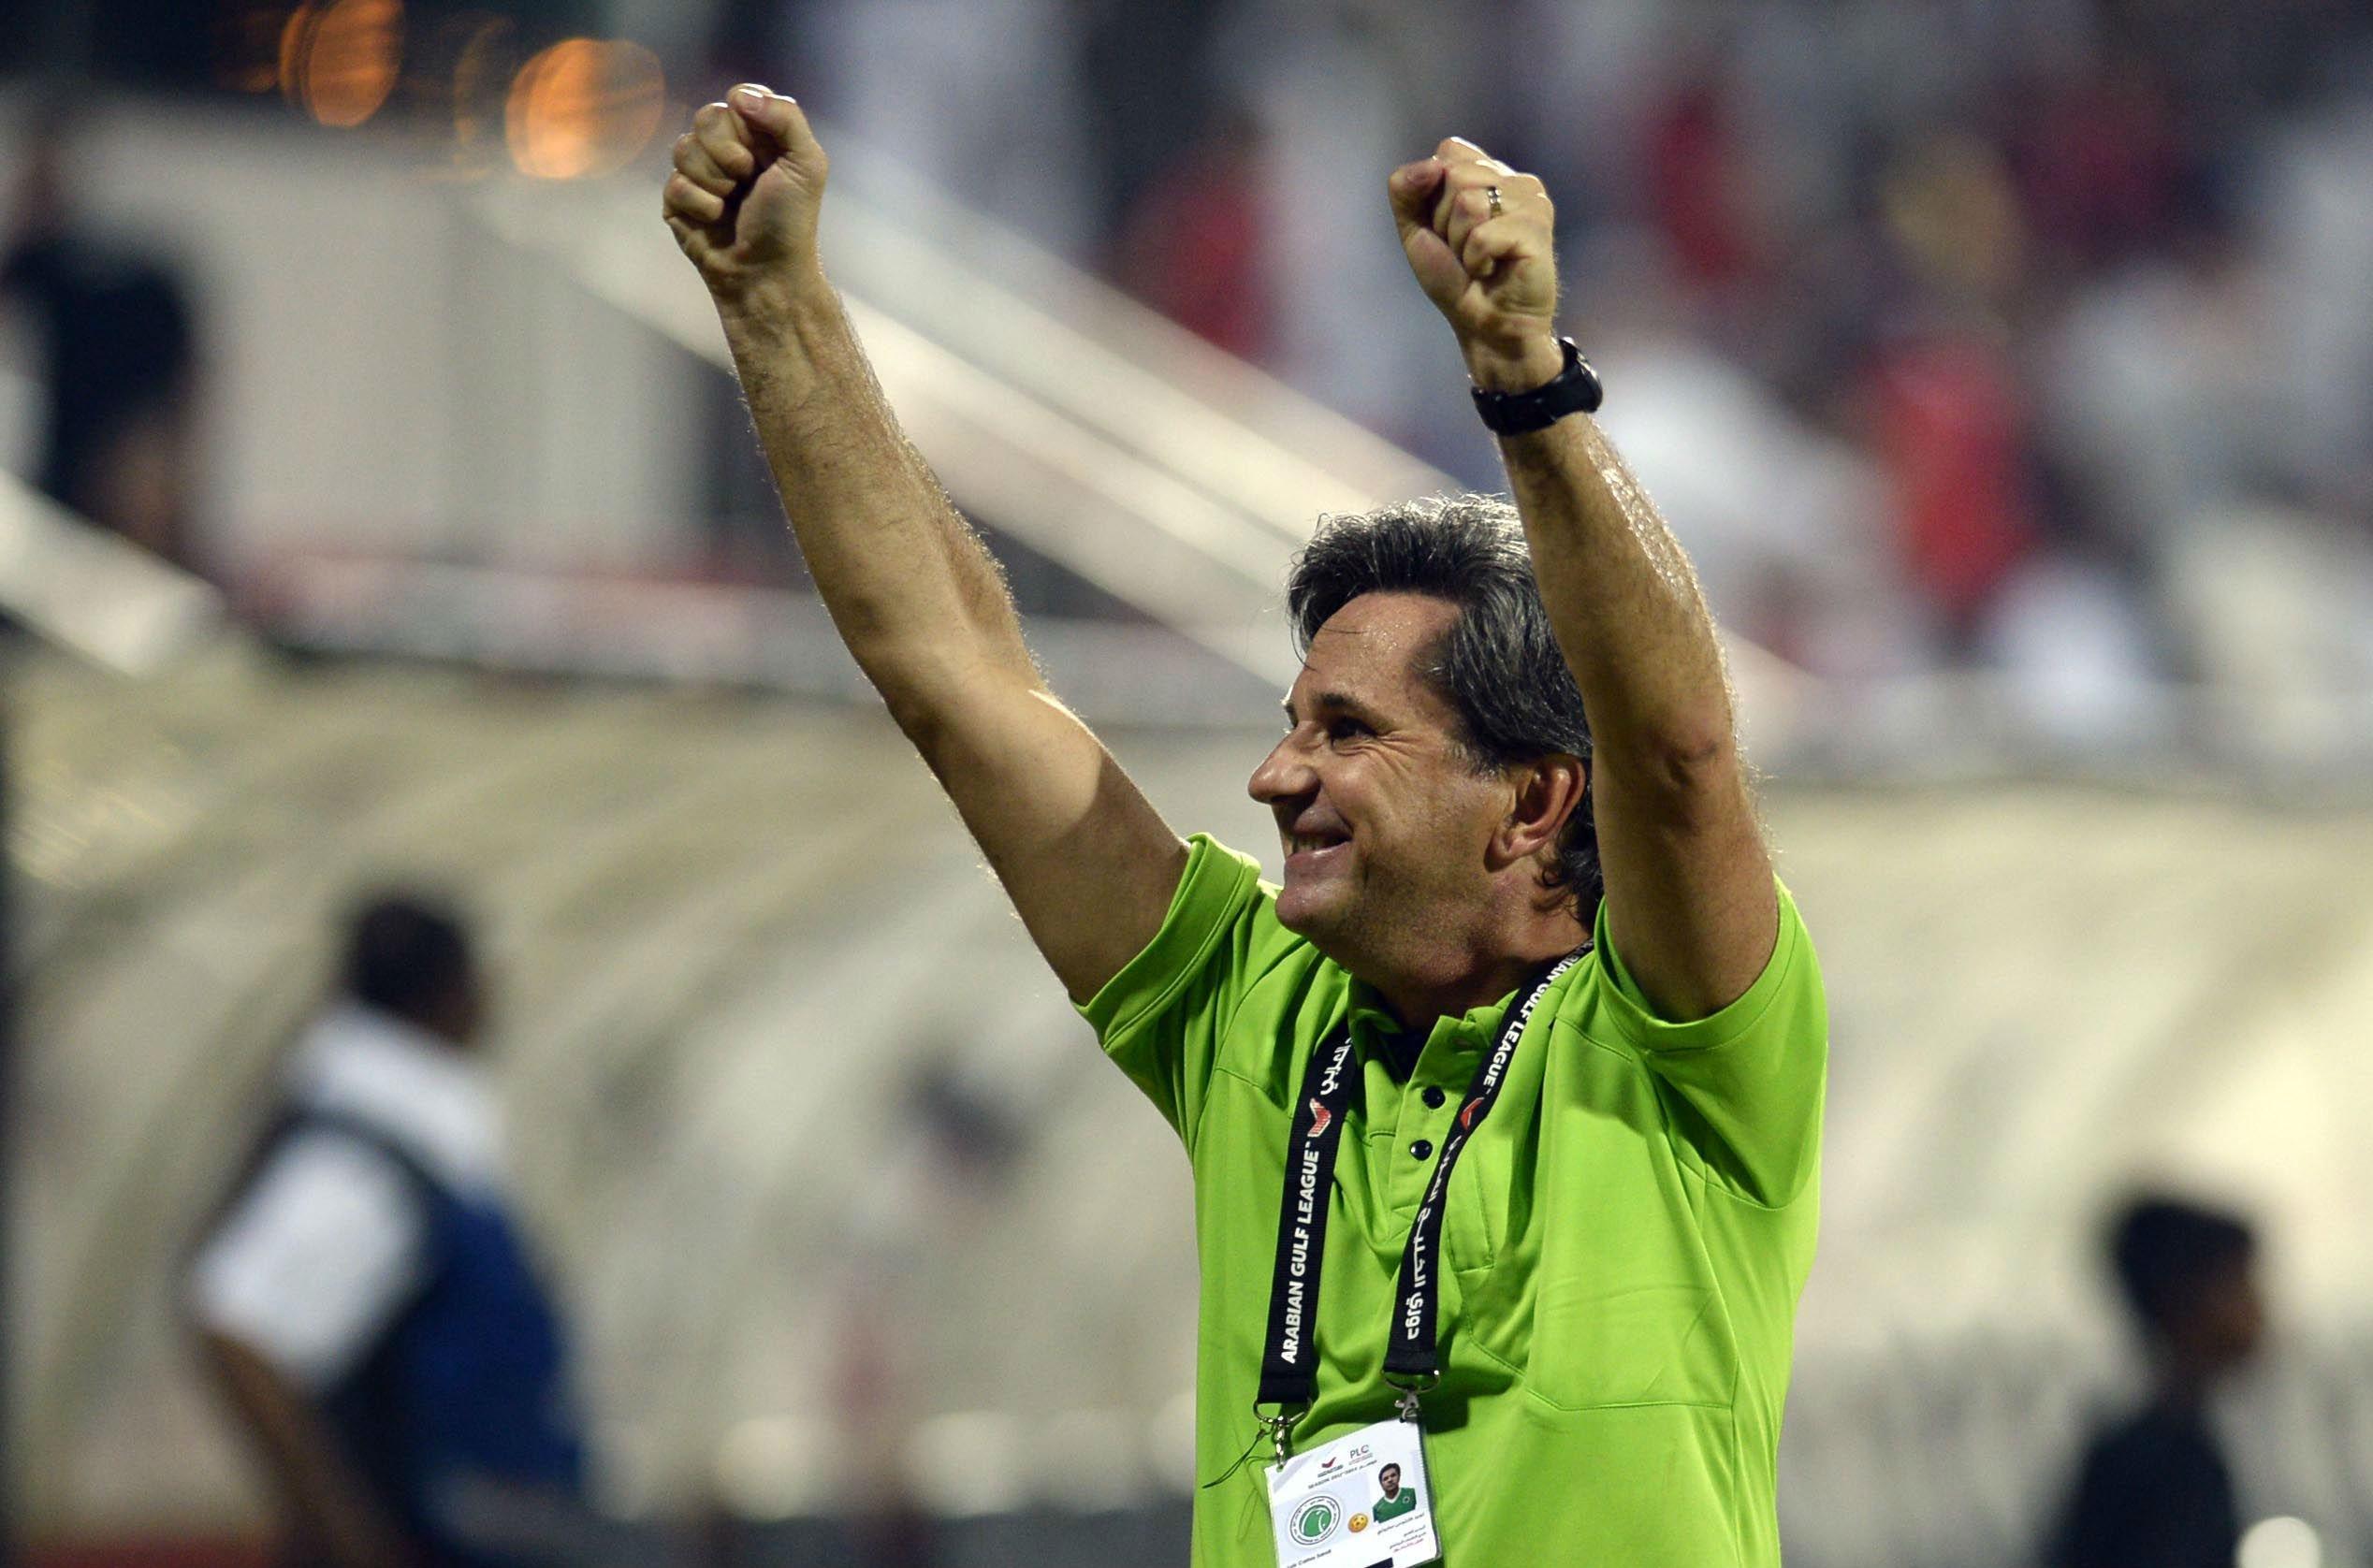 Após perder Guto Ferreira, Chapecoense acerta com Caio Júnior